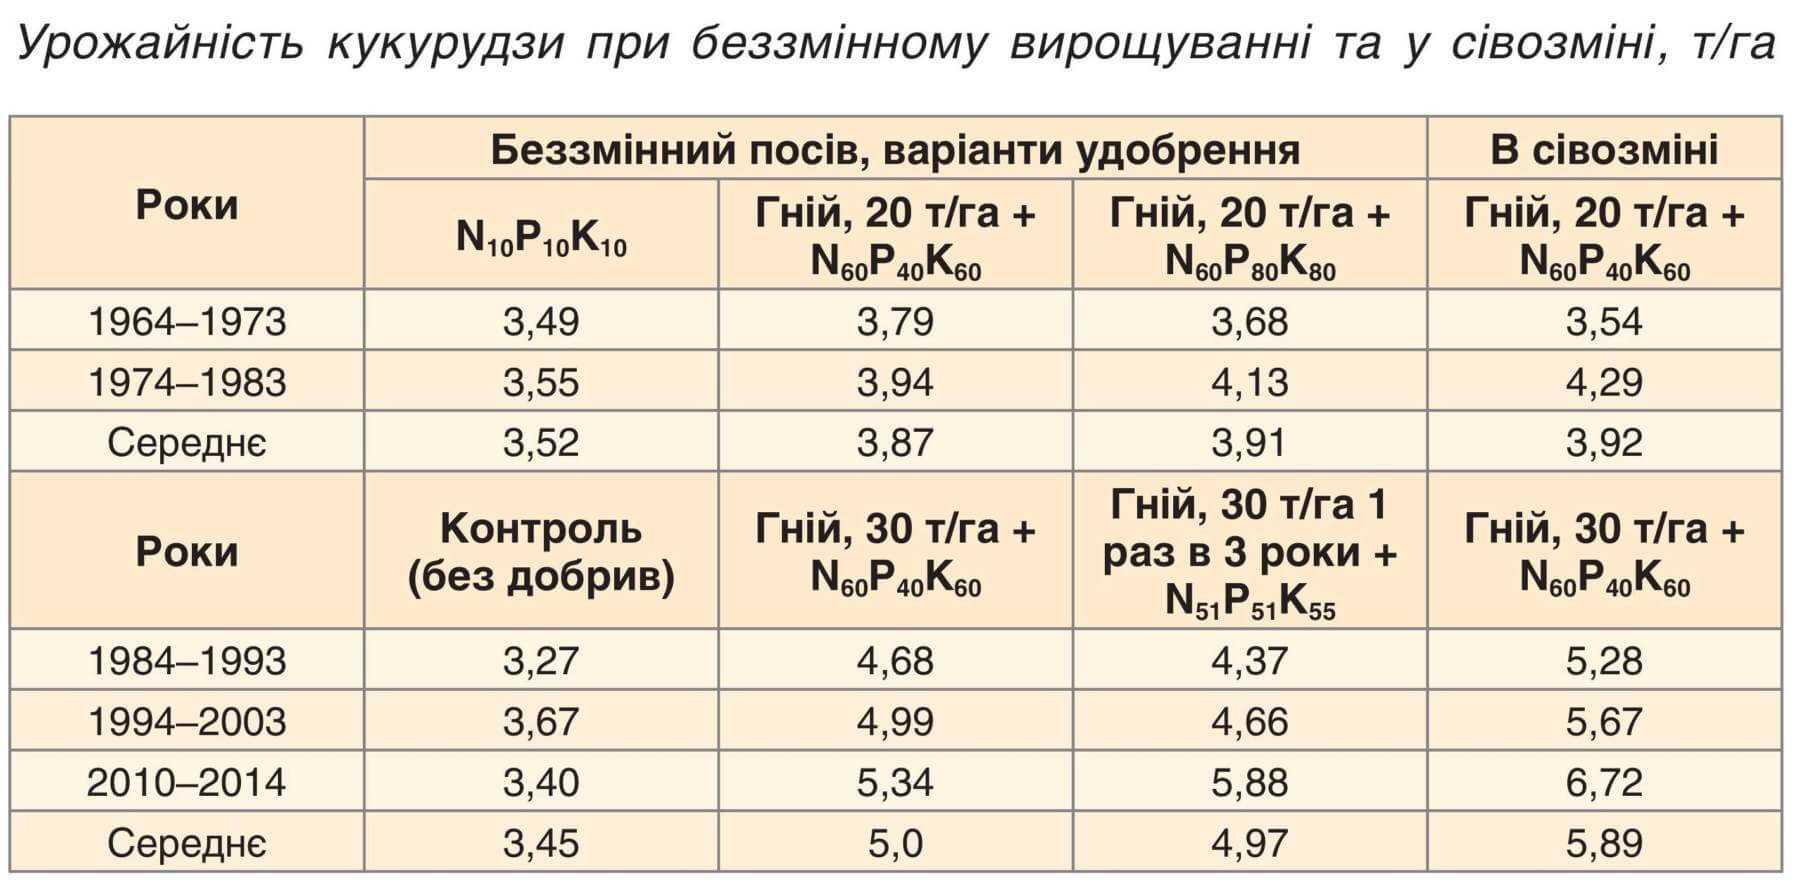 Урожайність кукурудзи при беззмінному вирощуванні та у сівозміні, т/га